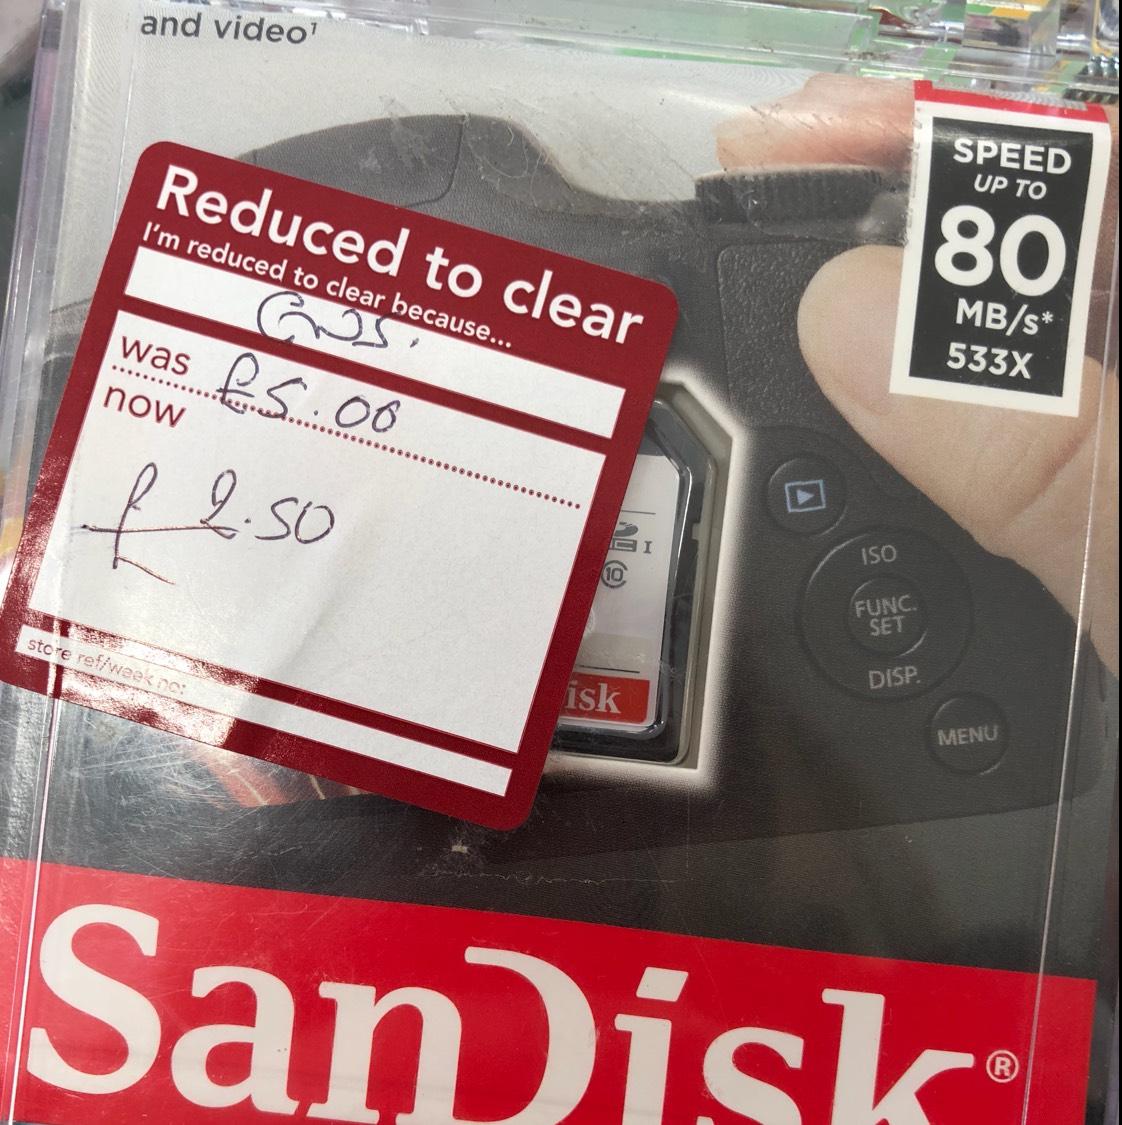 32gb sandisk memory card £2.50 wilkos